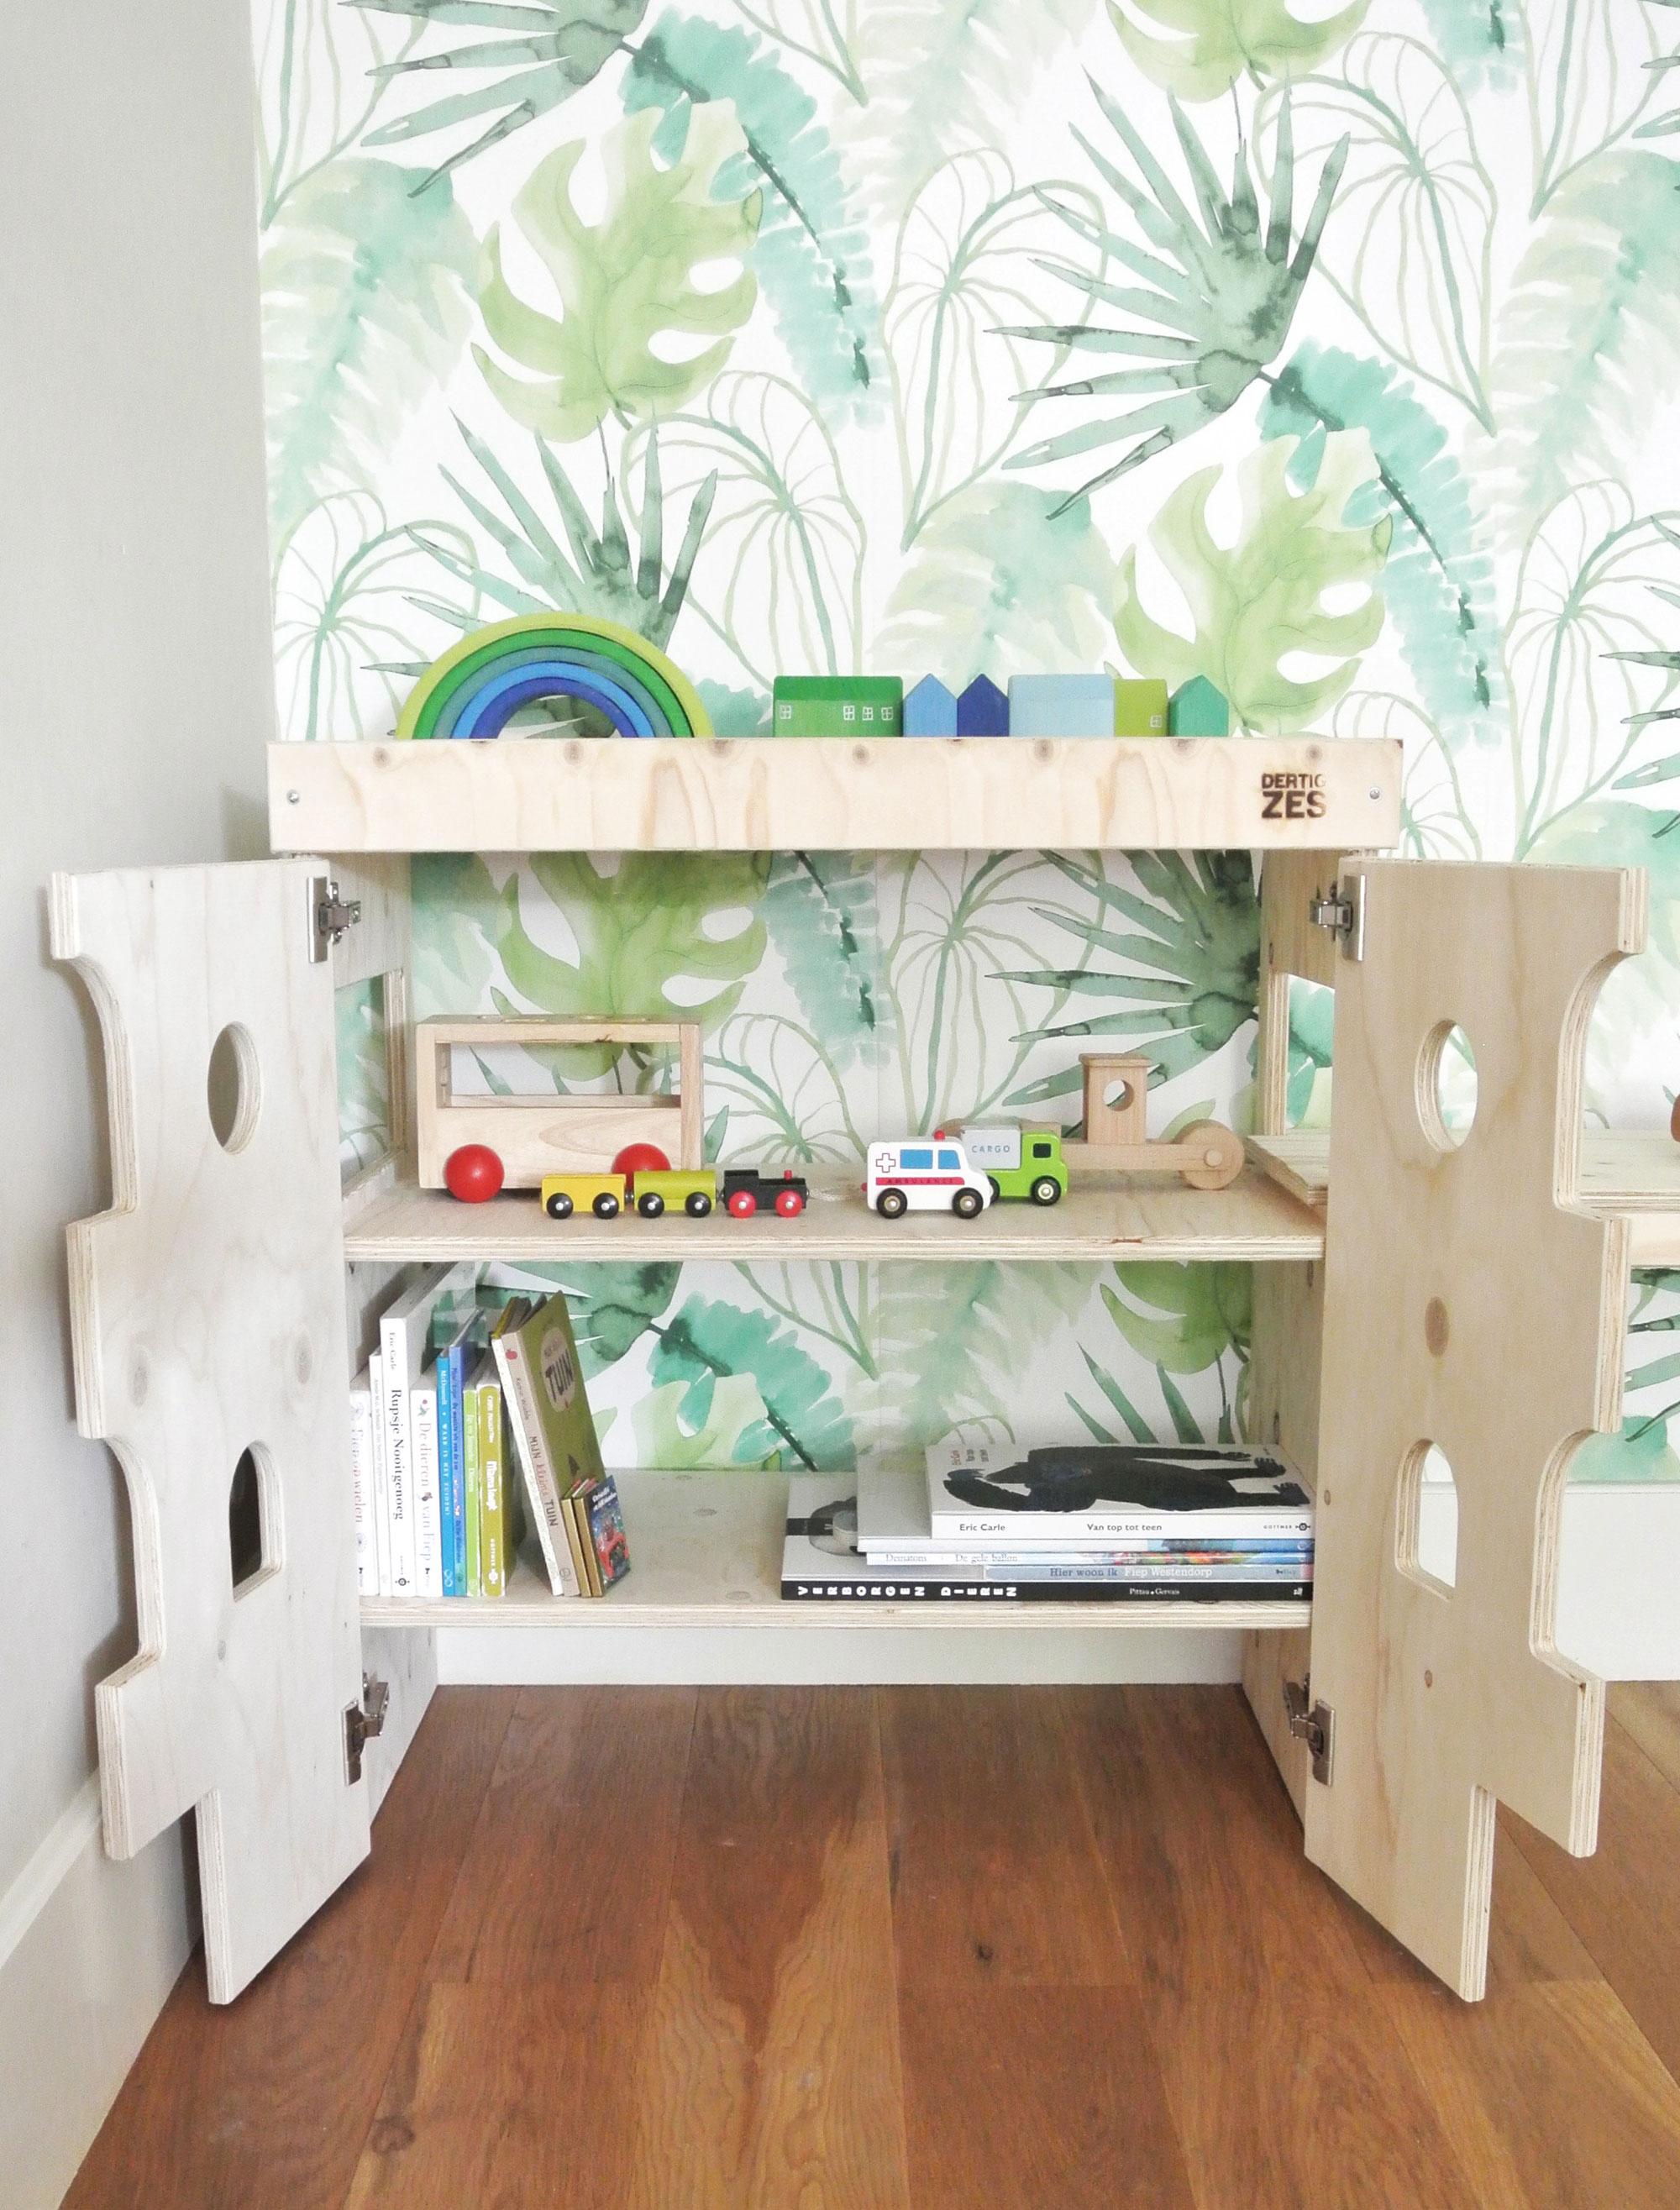 DertigZes speelgoed stijlvol opbergen in de woonkamer